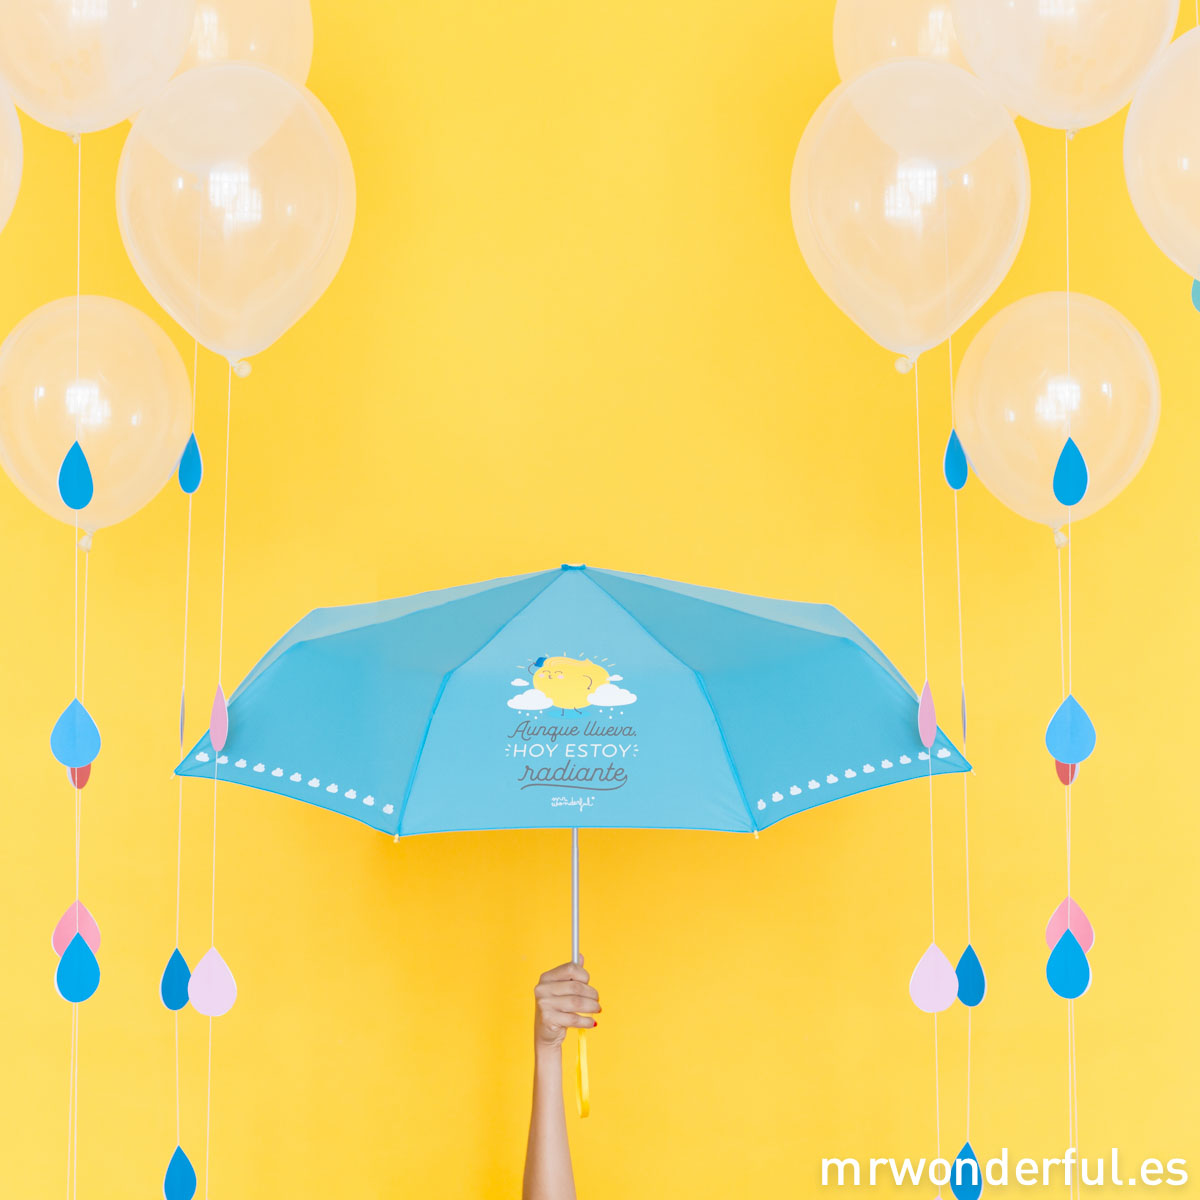 mrwonderful_8435460706858_paraguas_aunque-llueva-hoy-estoy-radiante-ES-1